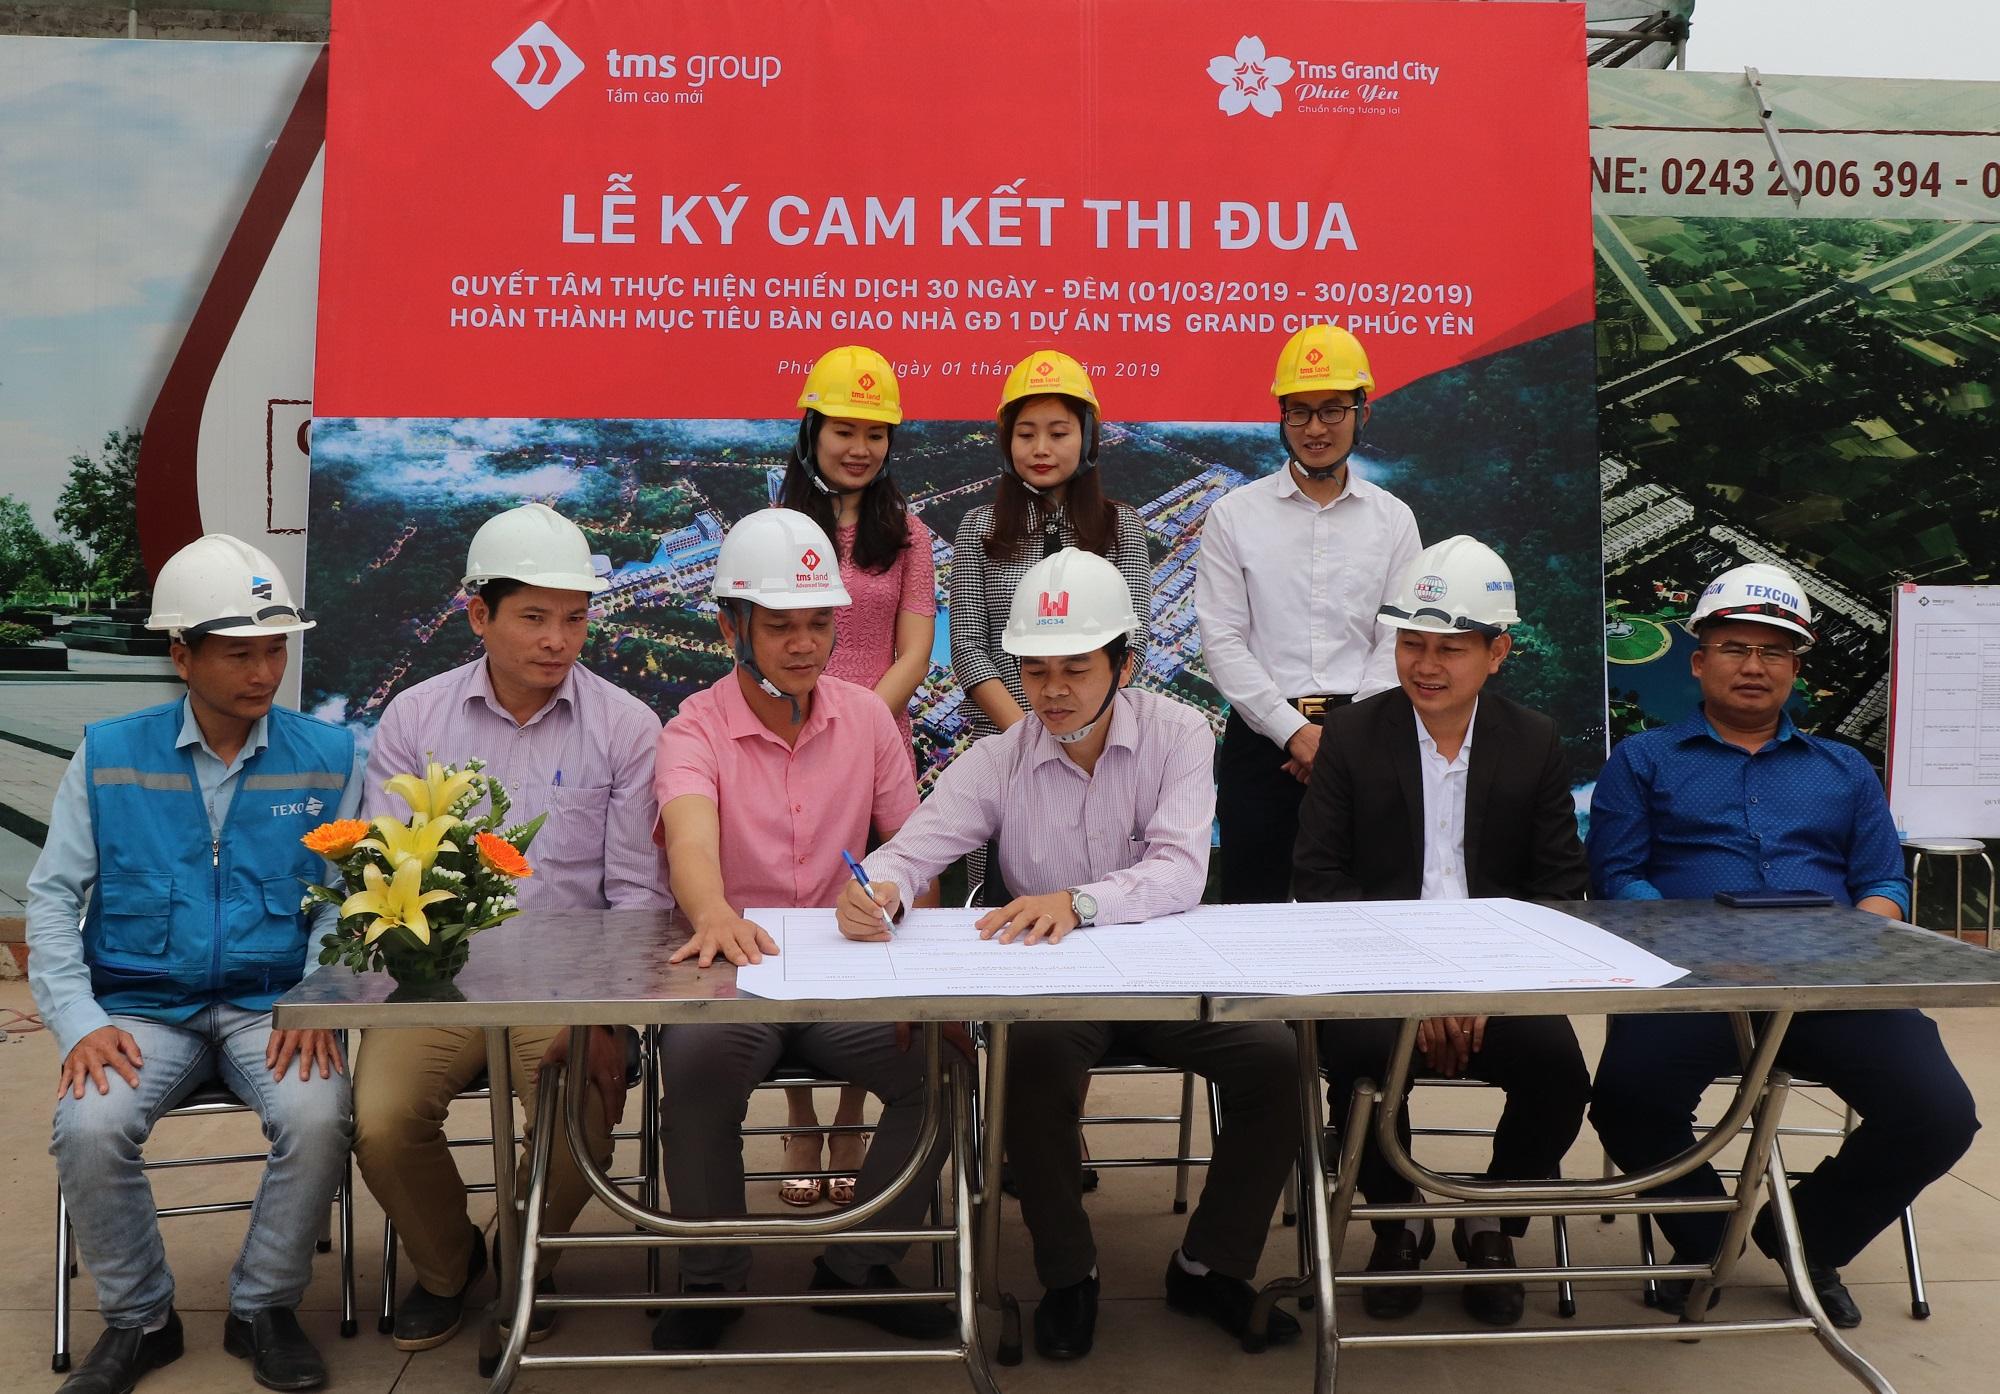 Tập đoàn TMS: Nỗ lực cán đích bàn giao nhà giai đoạn 1 TMS Grand City Phuc Yen - Ảnh 3